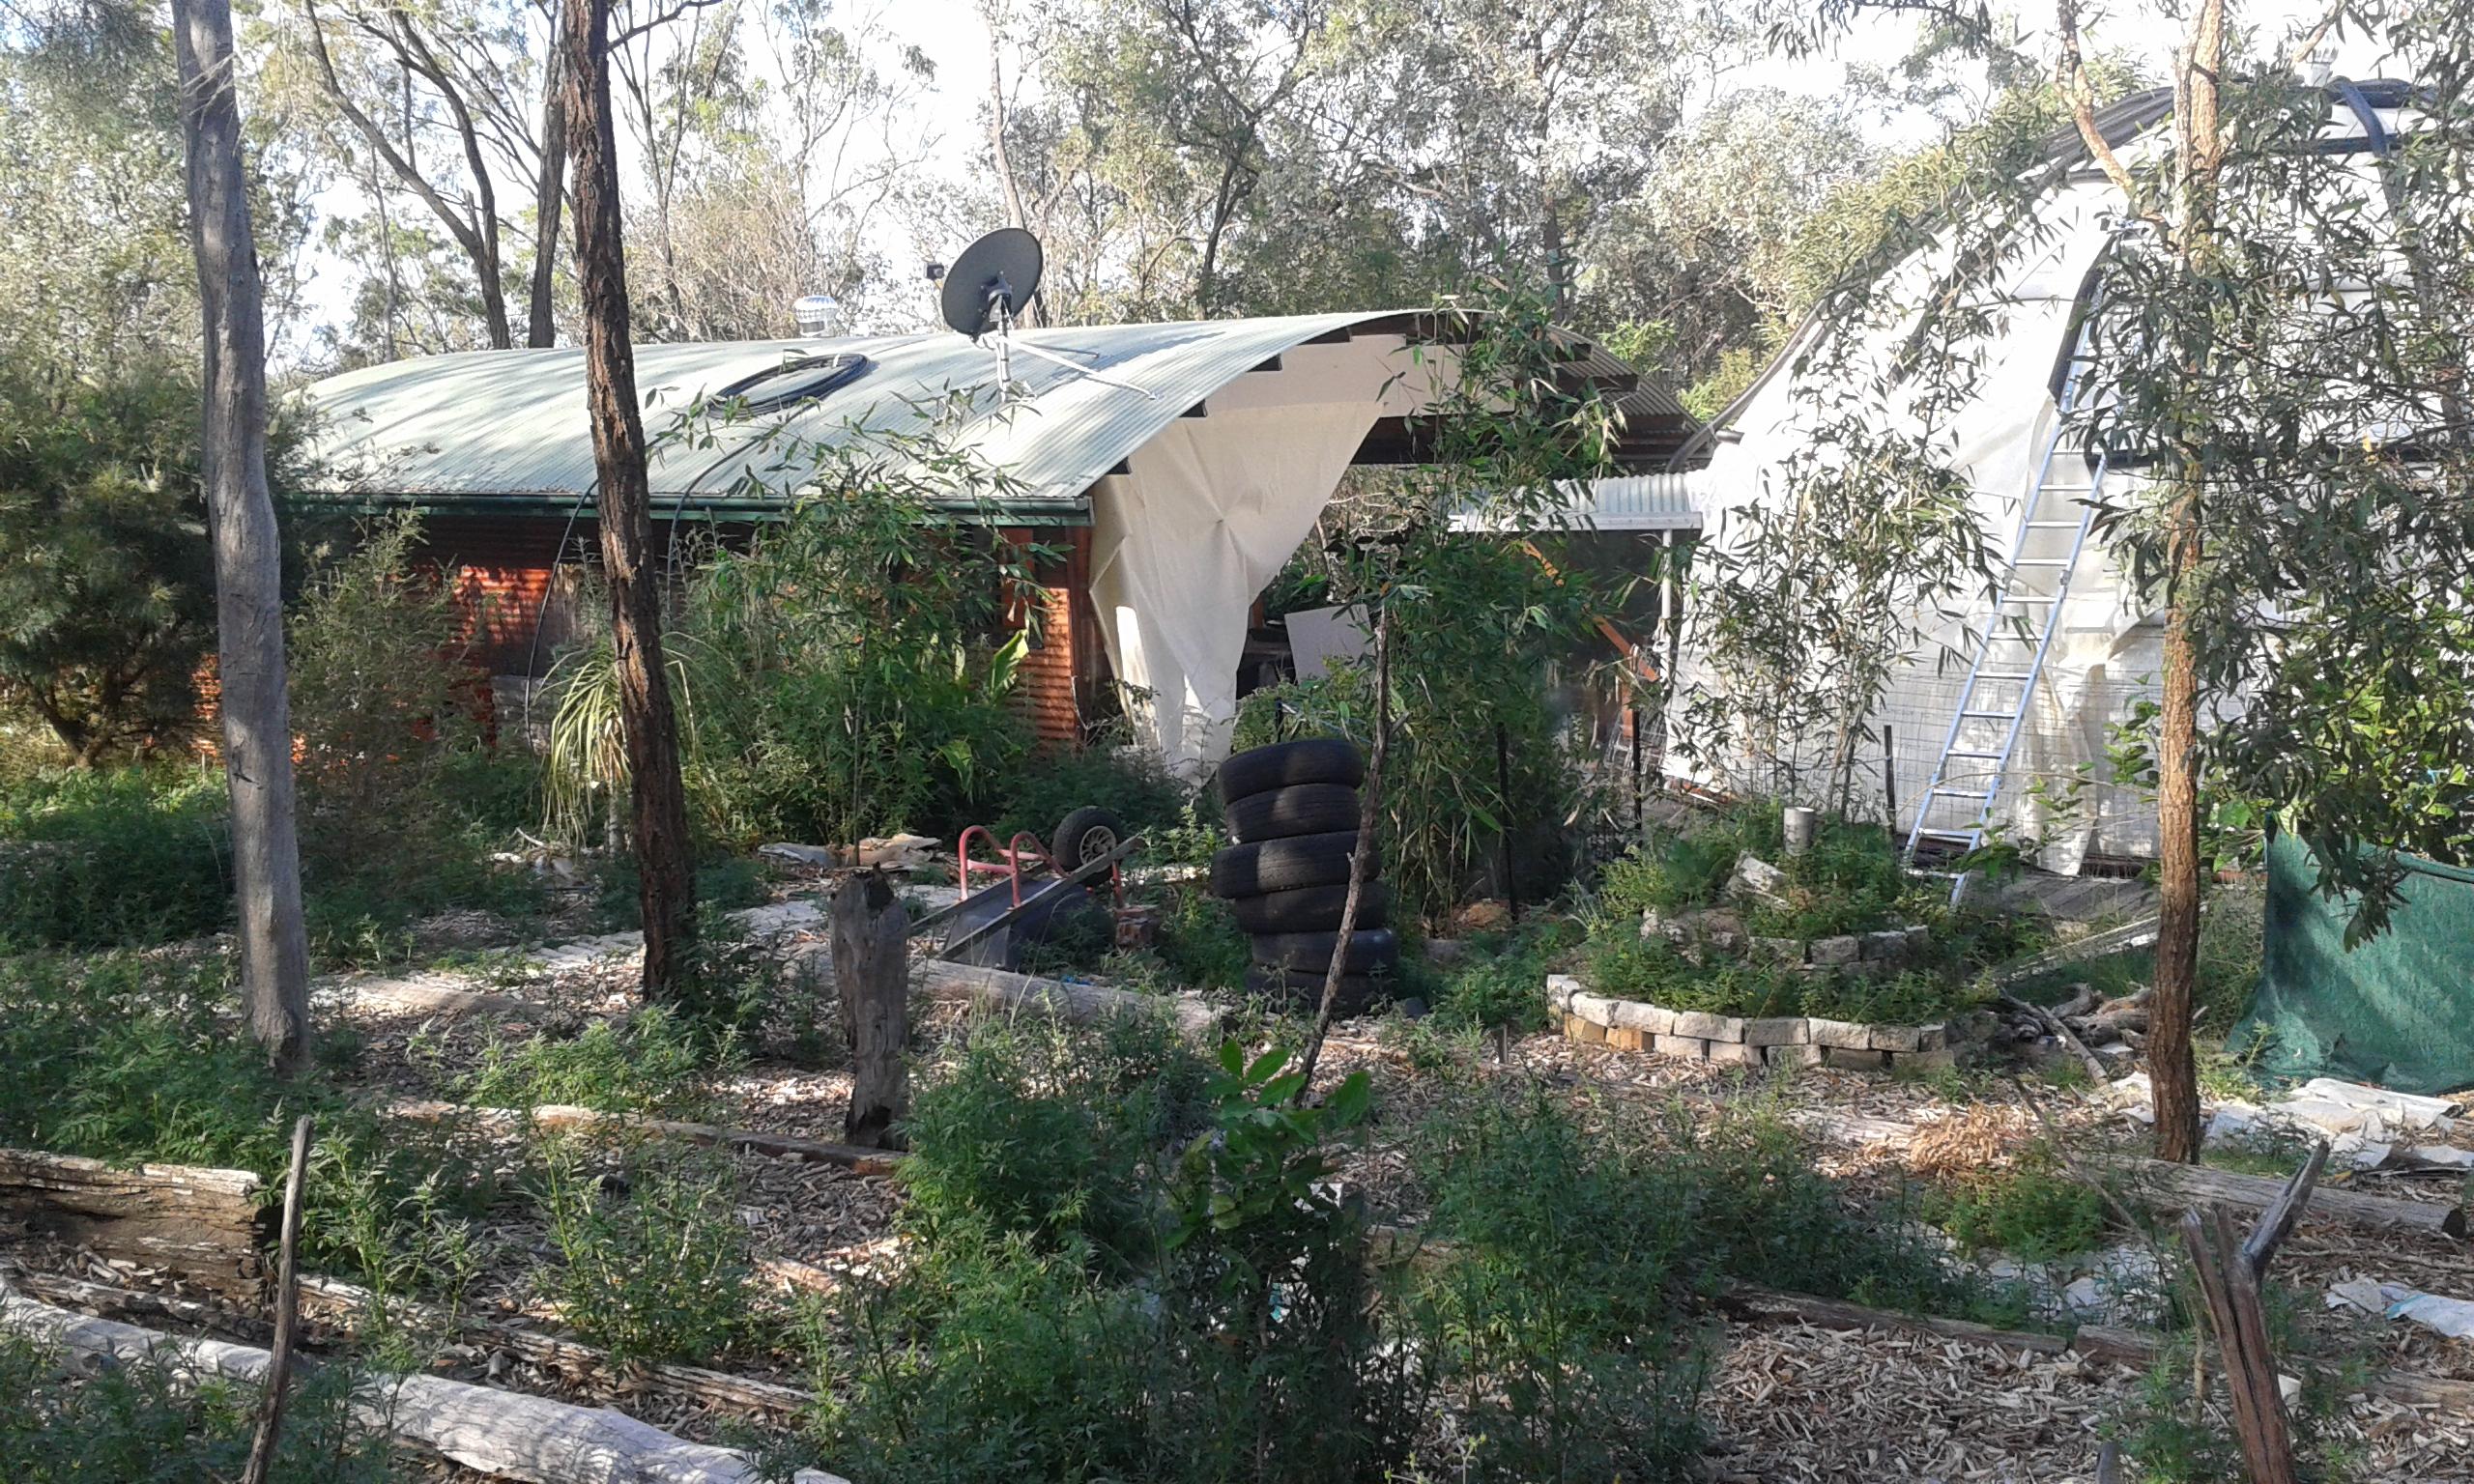 Cabane, terrasse, dome et forêt nourricière (Wilkesdale, Australie)